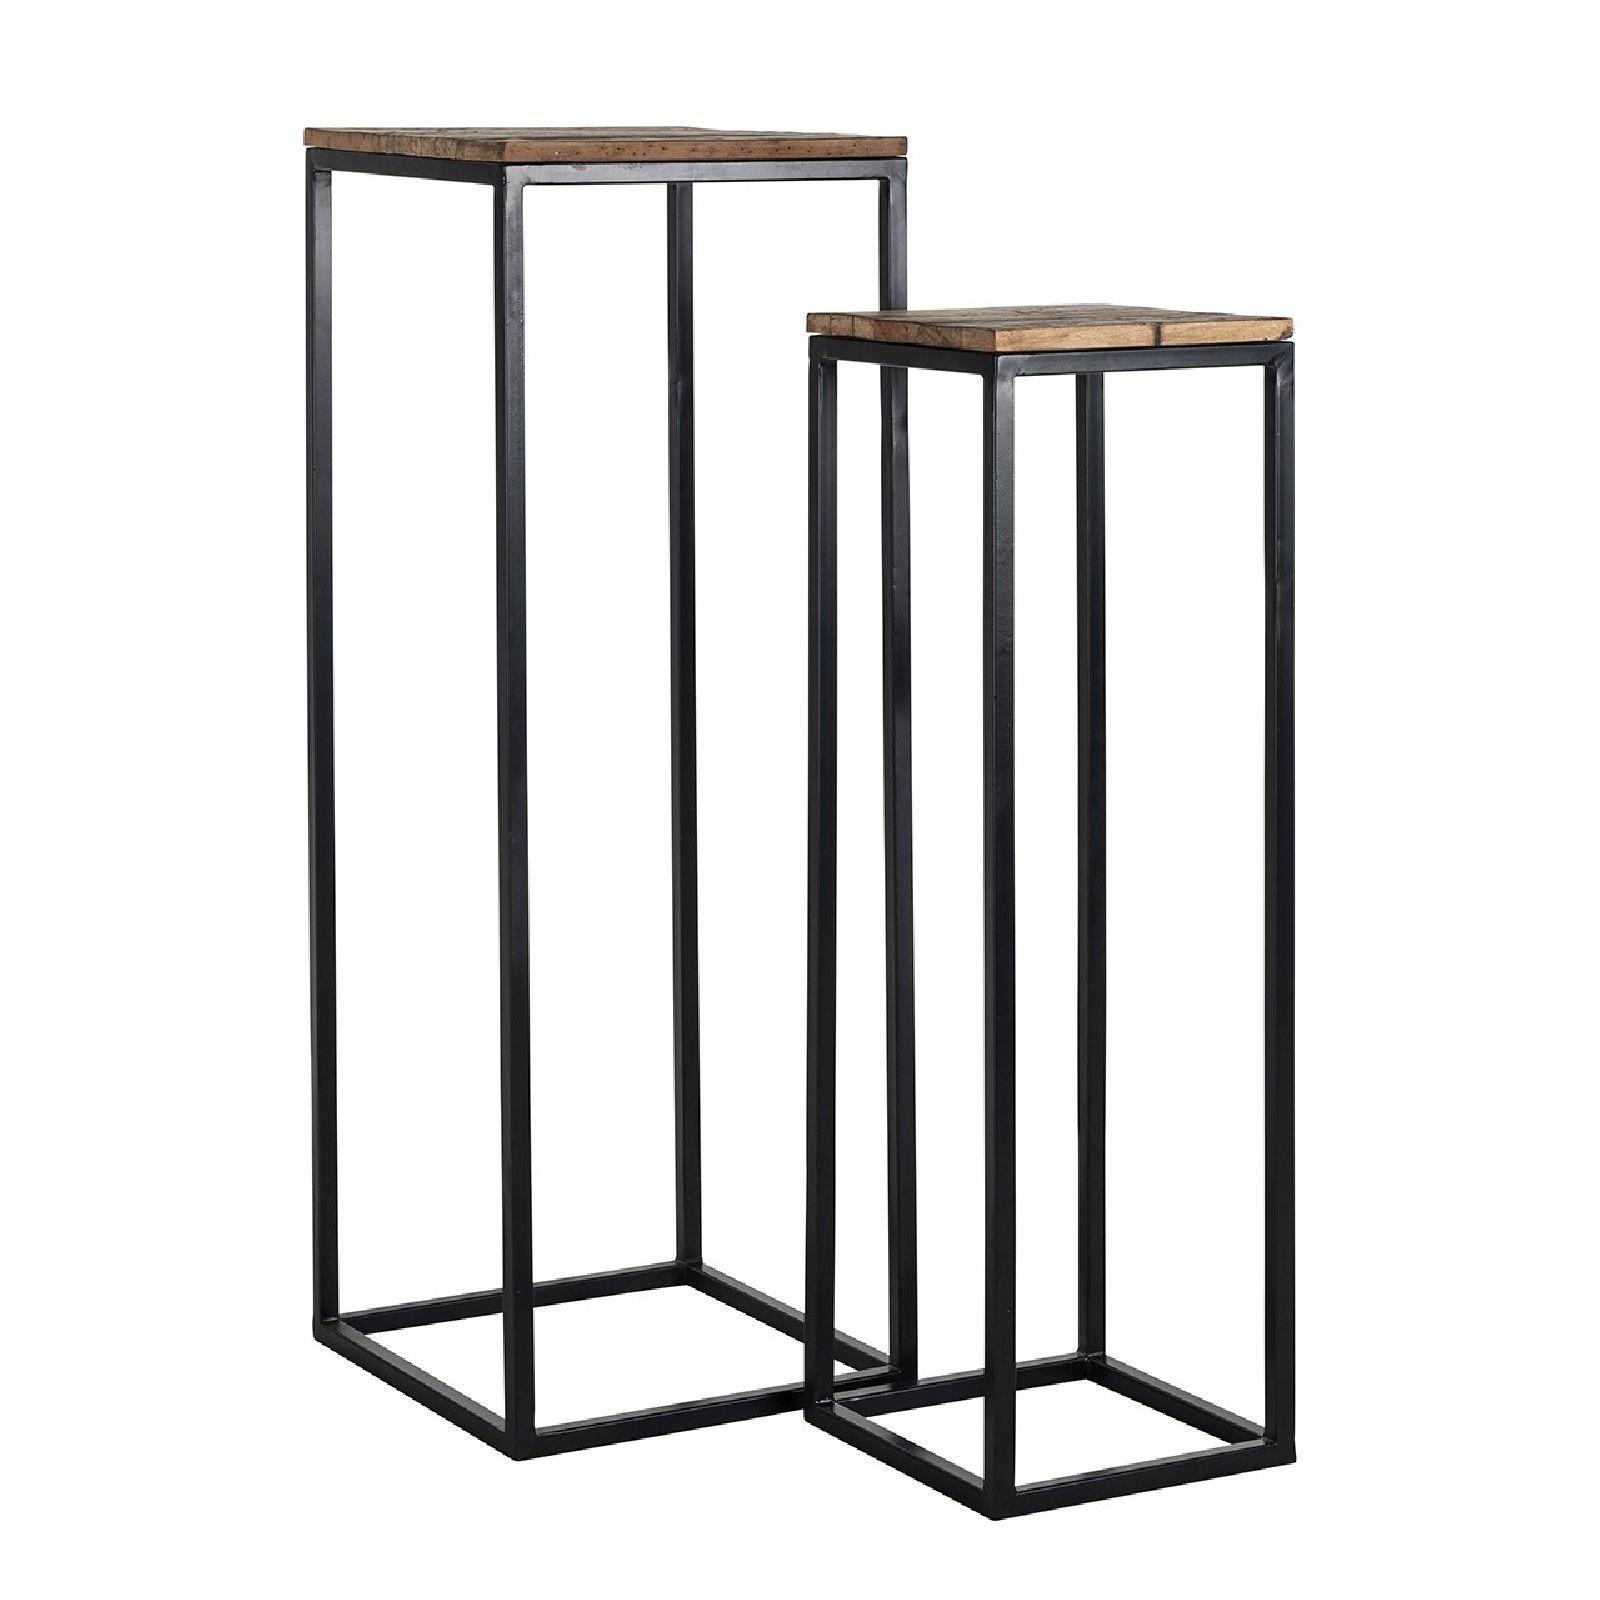 Pillar Raffles set of 2 Meuble Déco Tendance - 29